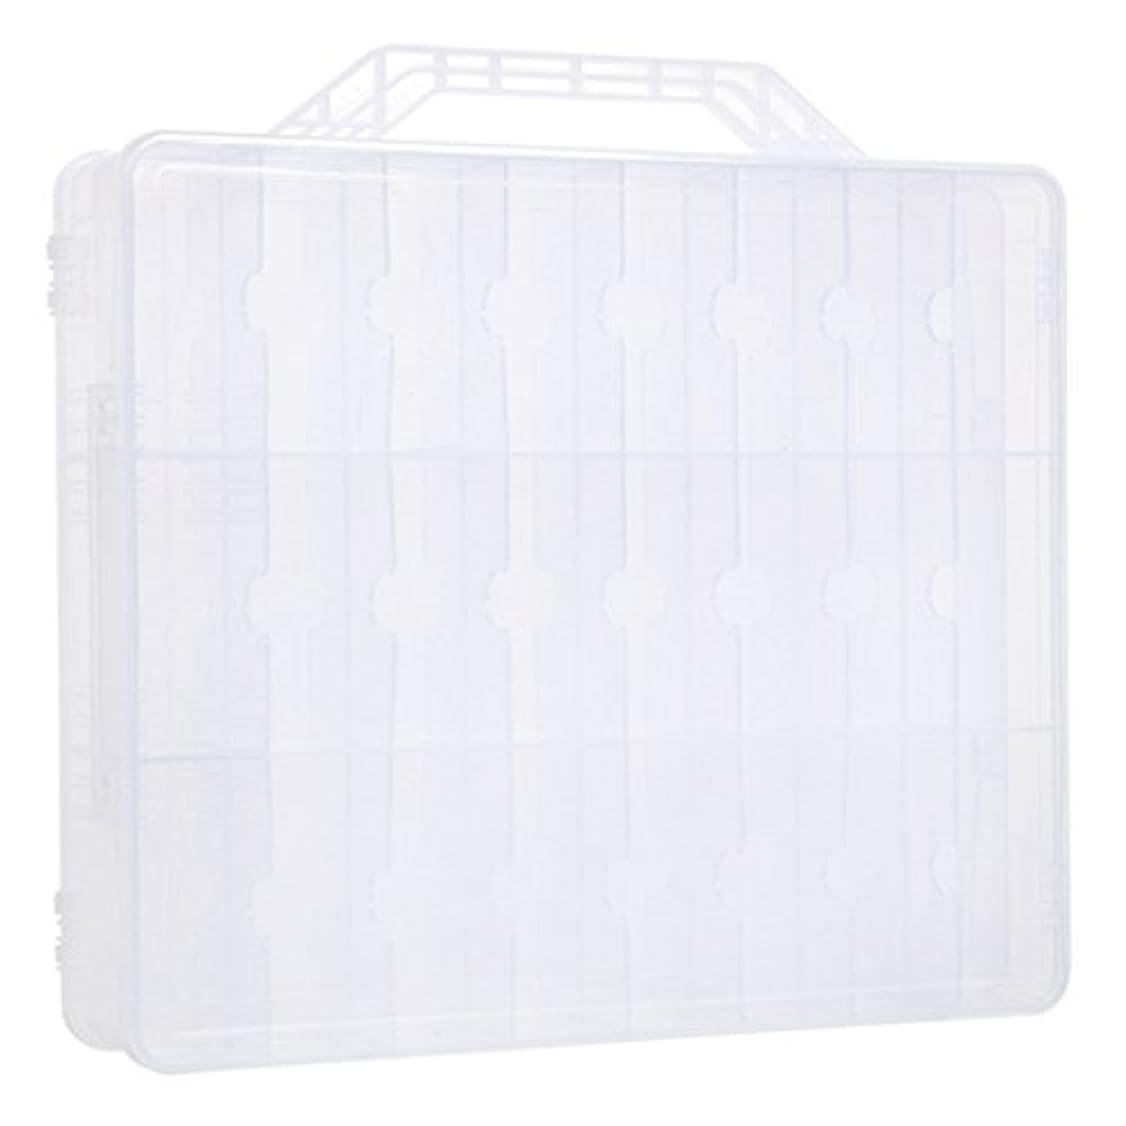 泣き叫ぶ均等に絡まるKapmore ネイルカラー 収納ボックス ネイルポリッシュ マニキュアケース 48ボトル収納可能 透明 プラスチック 小物入れ ヘアバンド ヘアクリップ 持ち運び